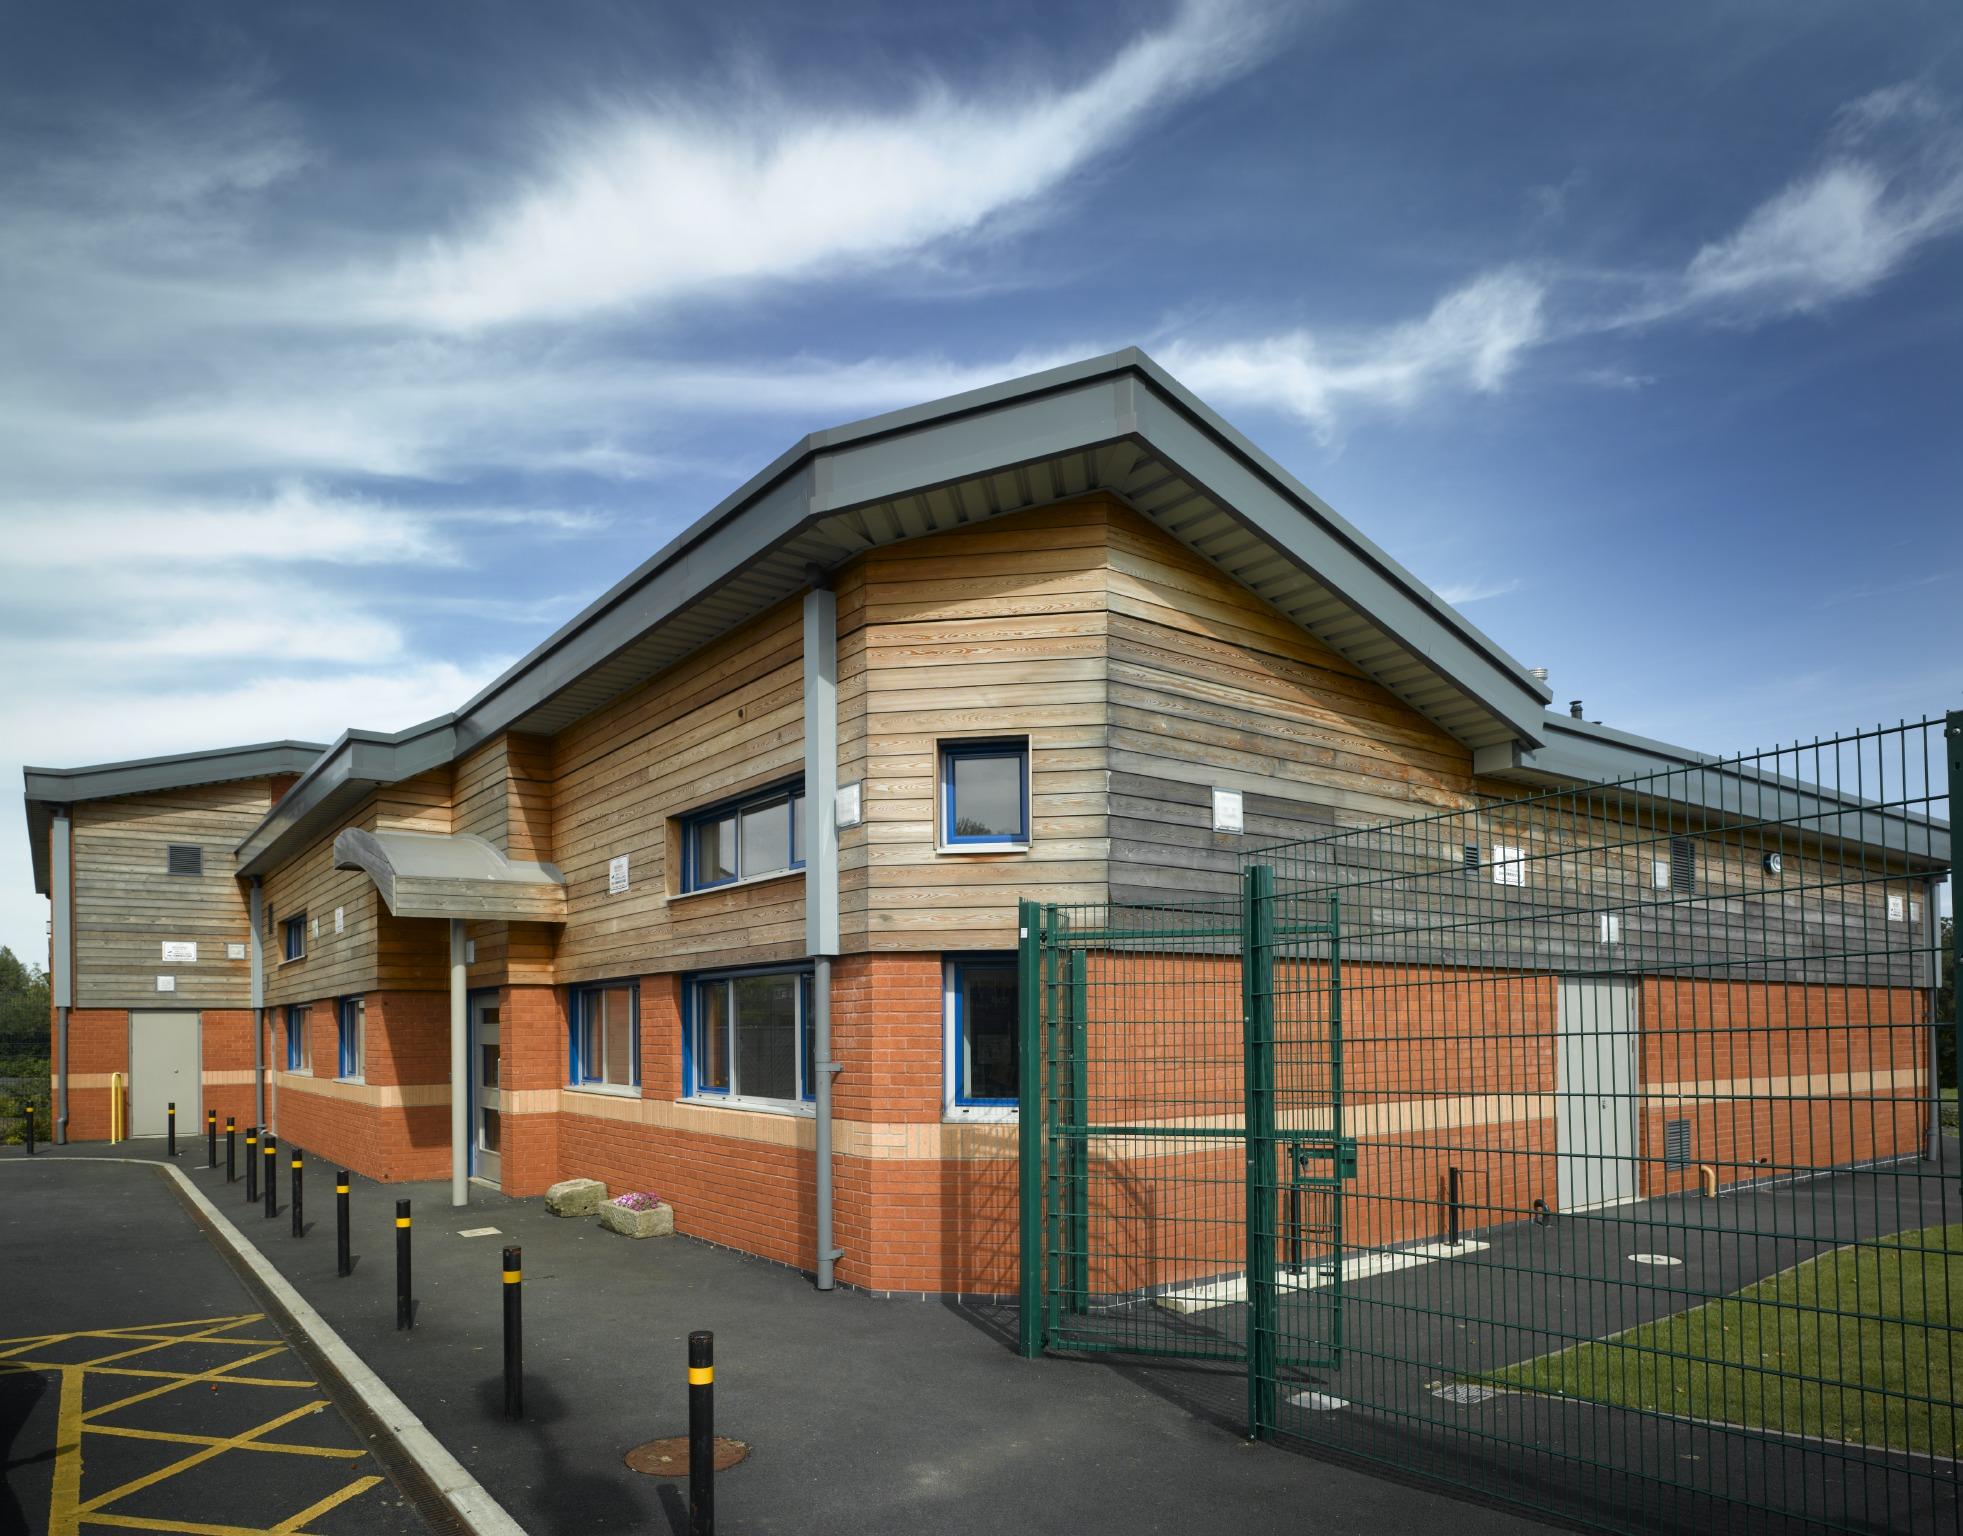 Brindale Primary School, Farnworth